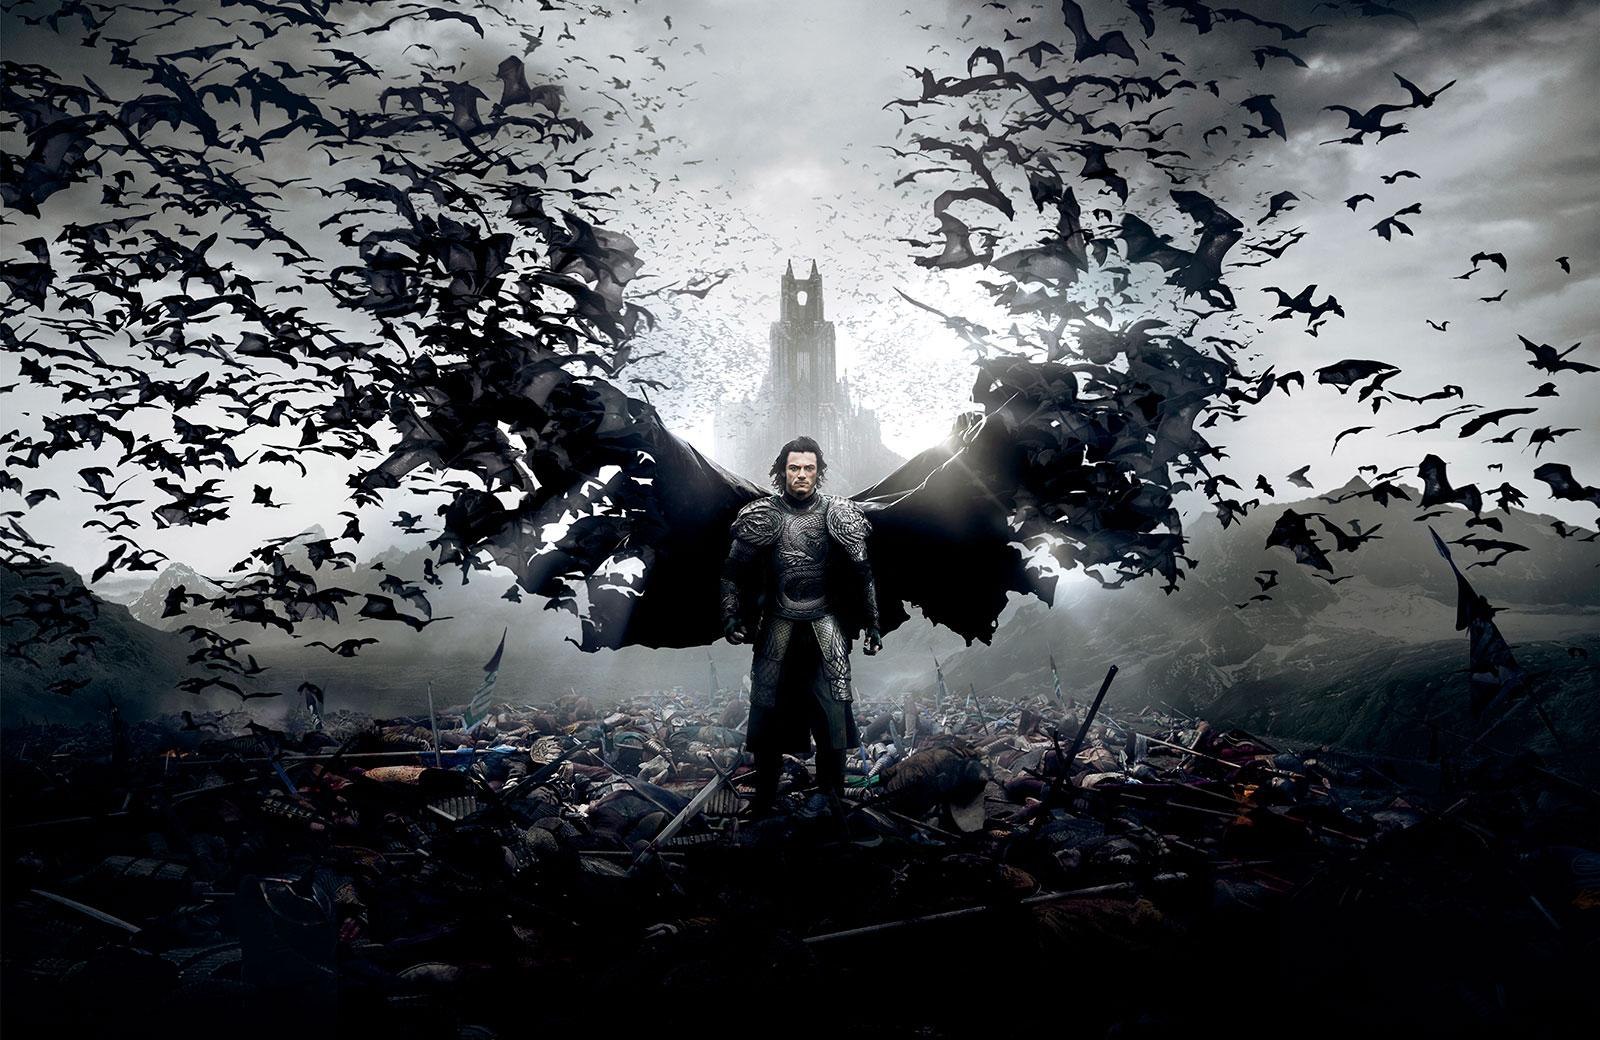 Дракула. Невідома історія 2014